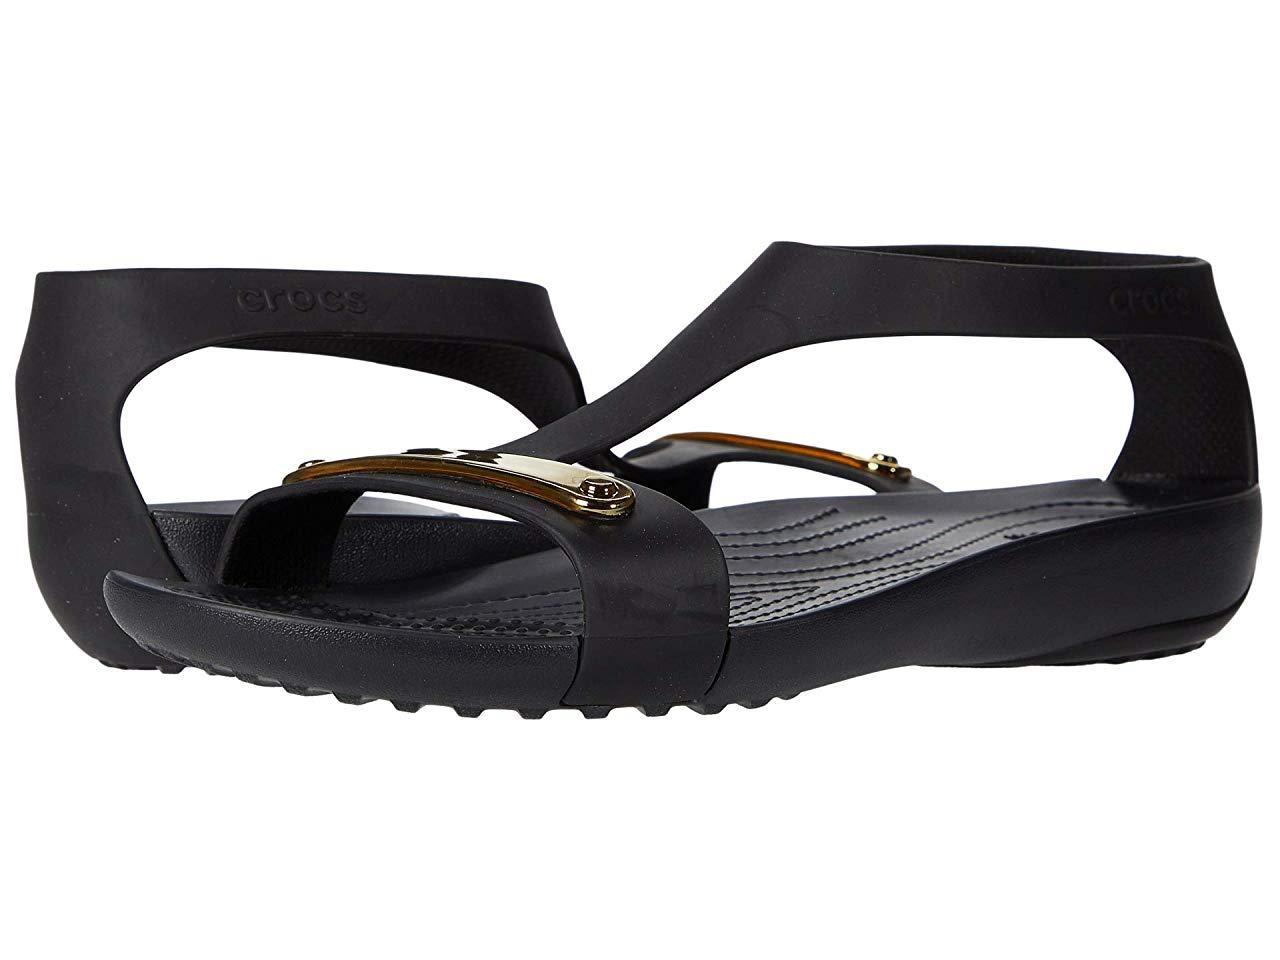 Сандали/Вьетнамки (Оригинал) Crocs Serena Metallic Bar Sandal Gold/Black